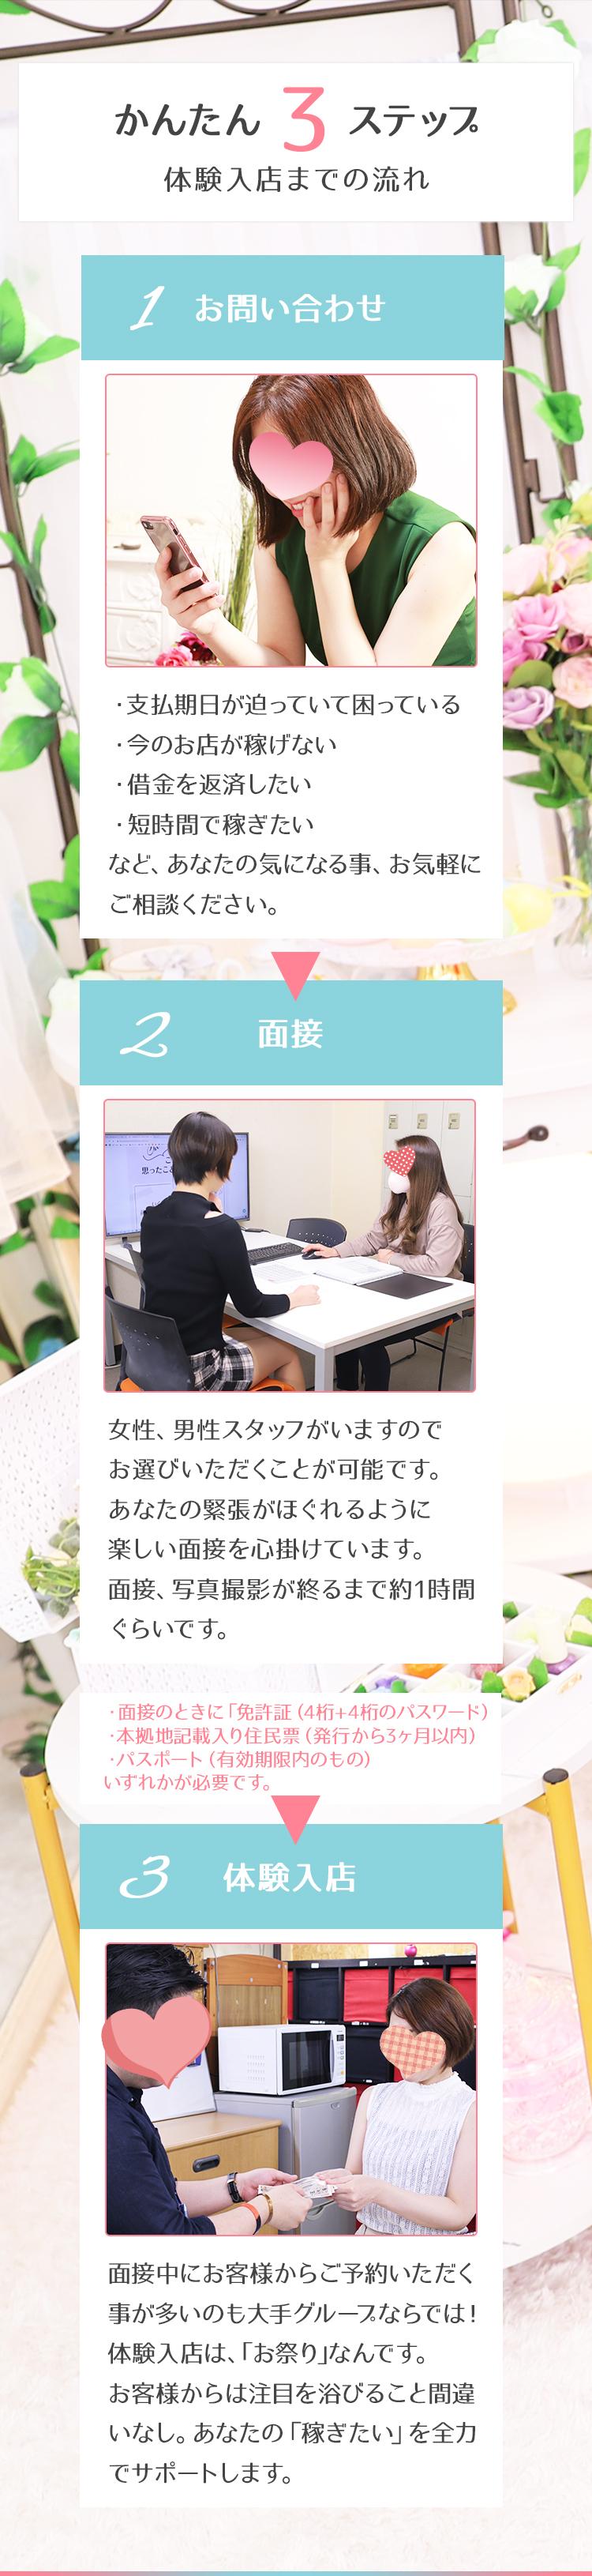 200701_shiro_sec07.jpg